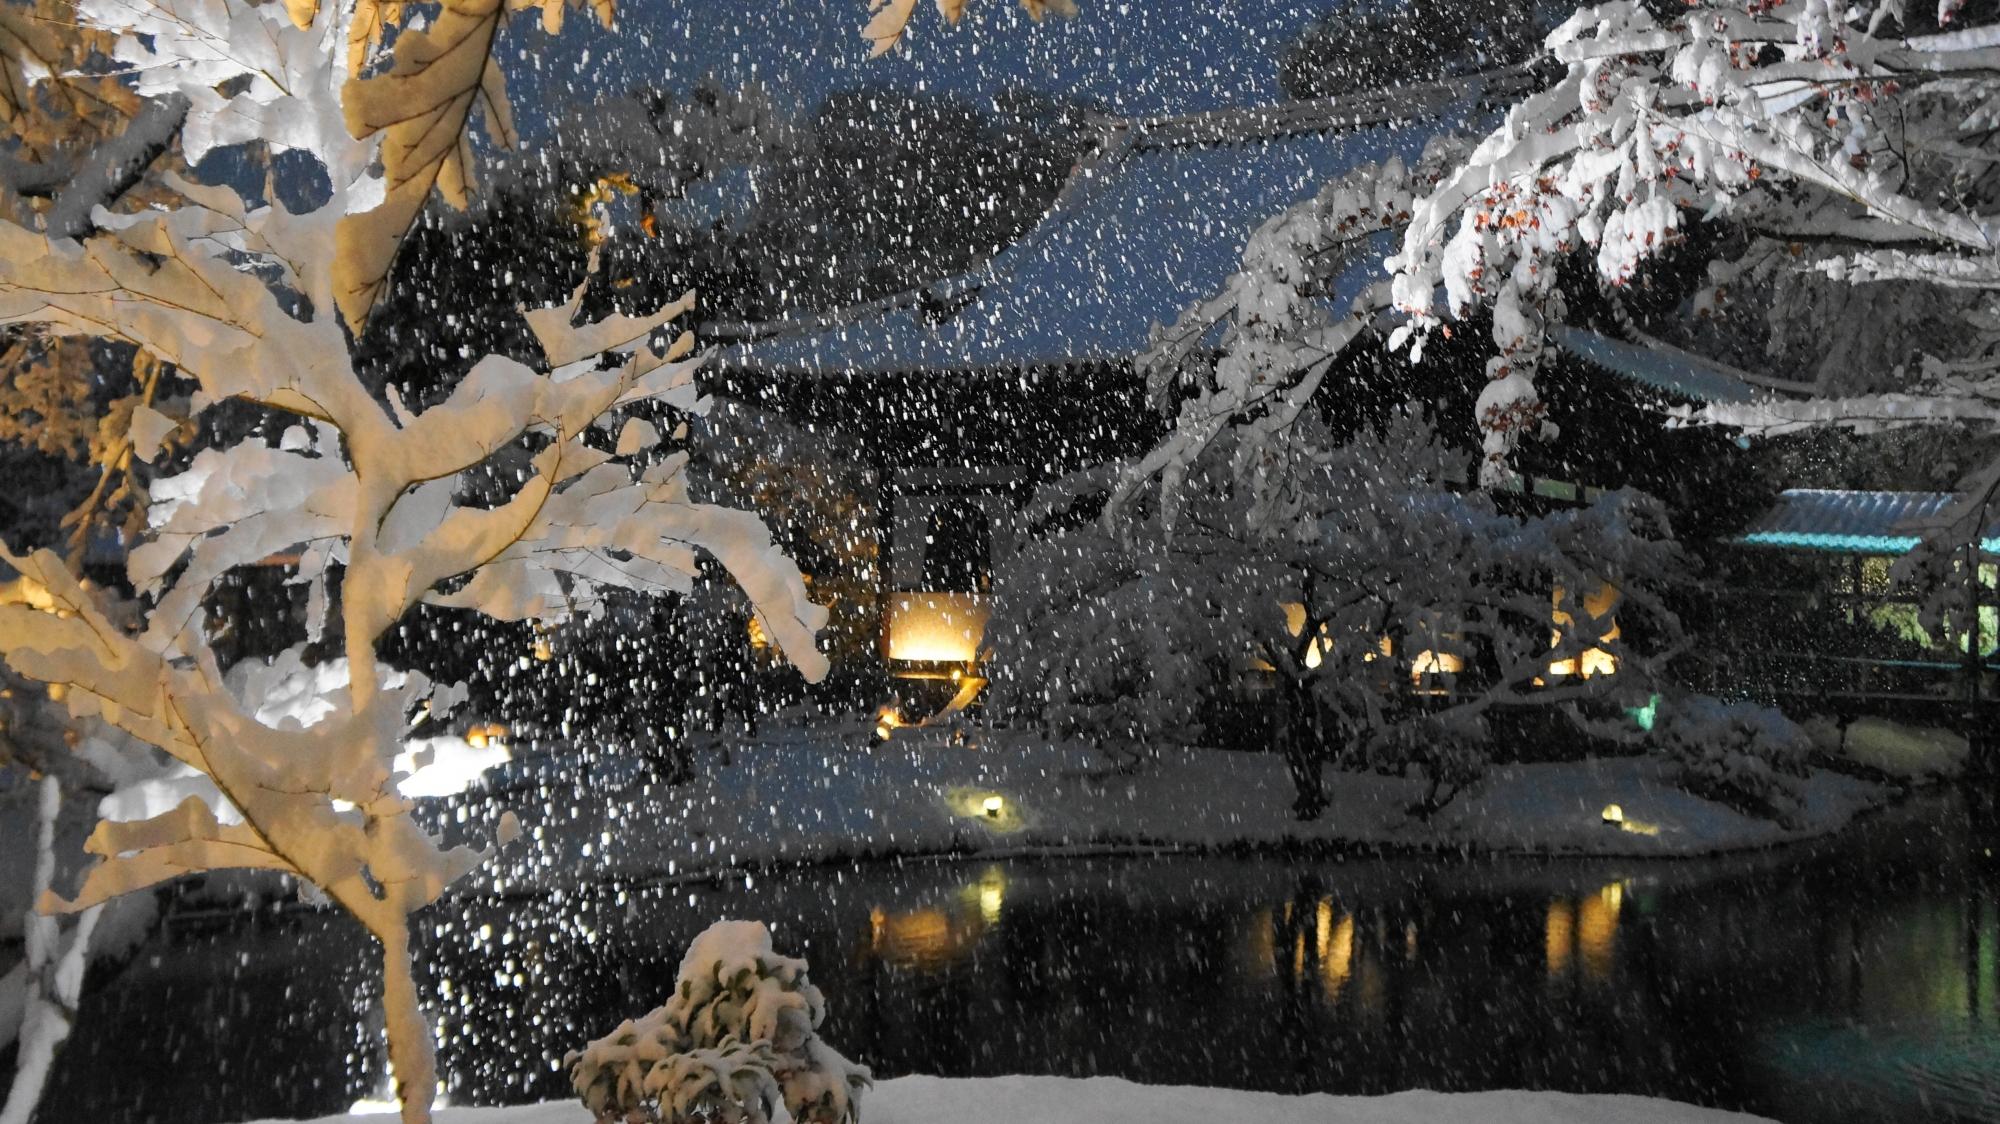 雪が映し出される幻想的な高台寺の冬景色